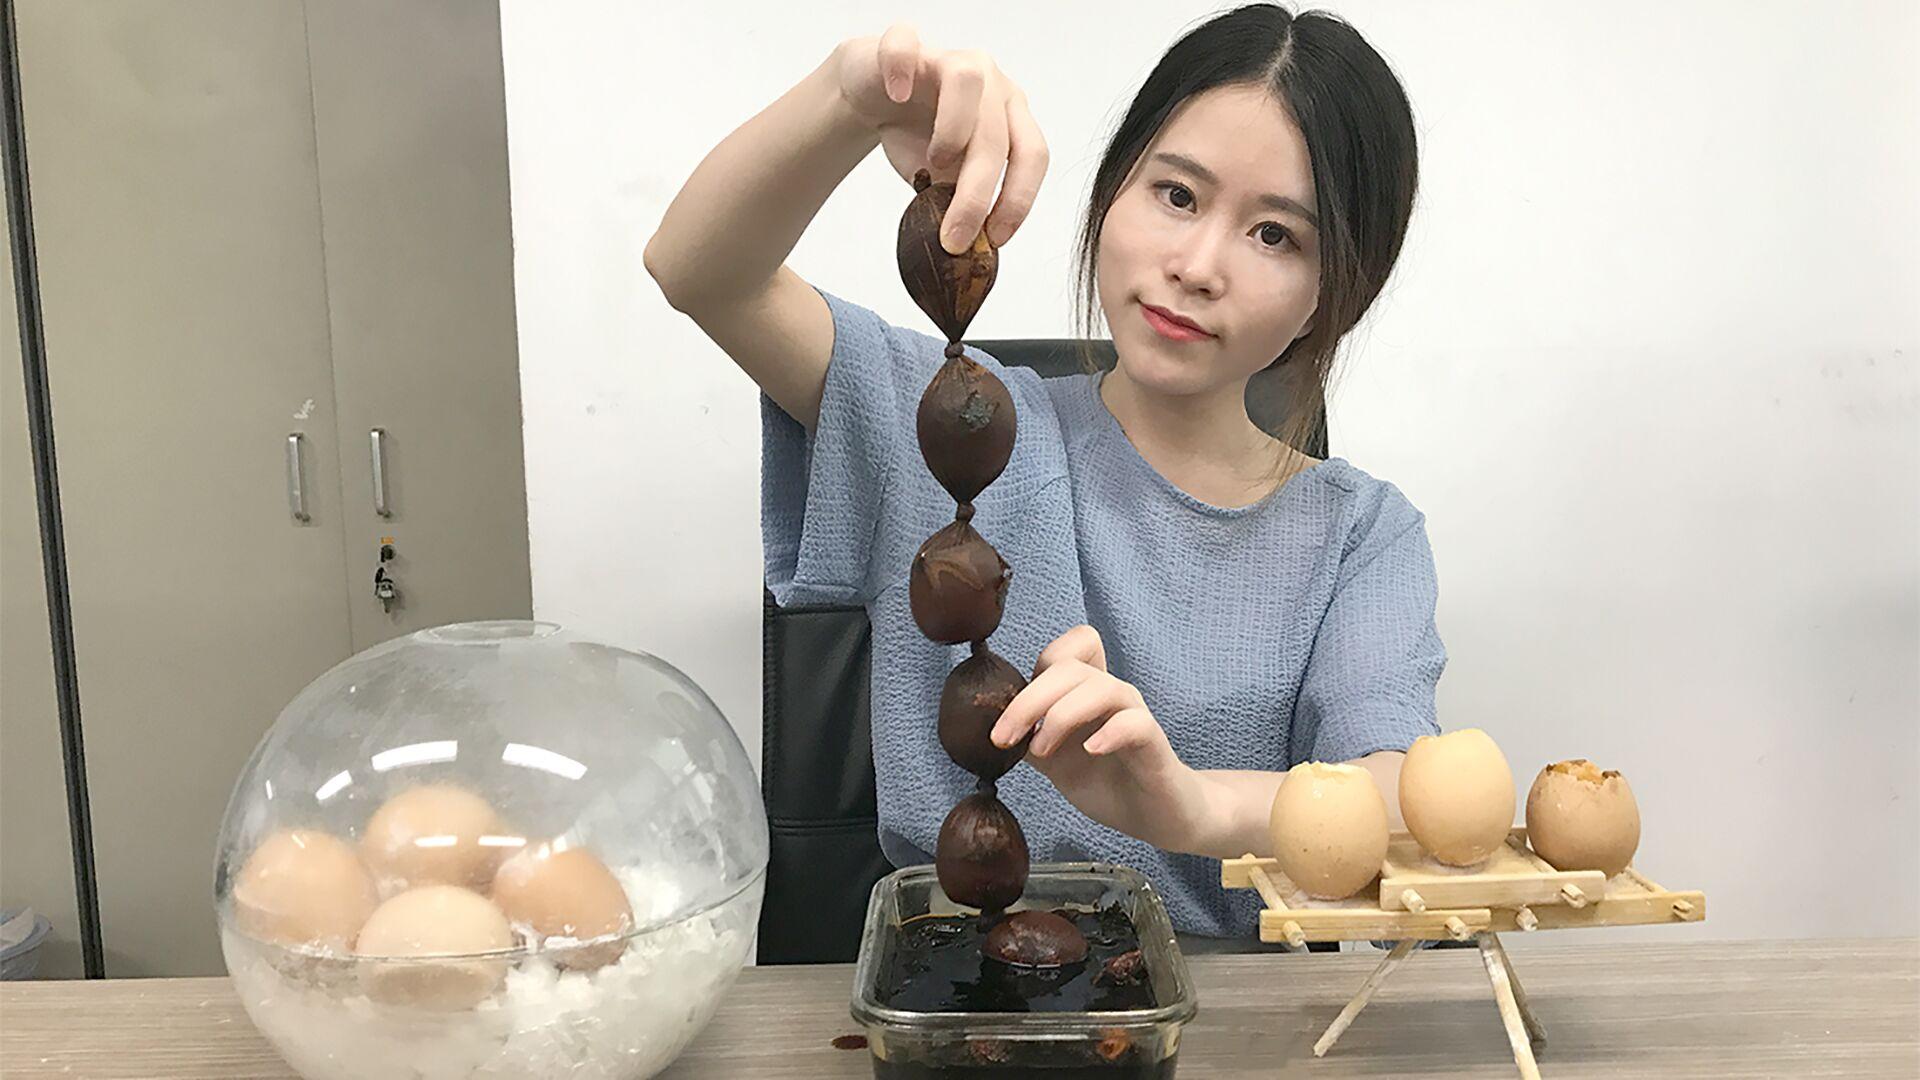 少女在办公室用丝袜做茶叶蛋边上班边看《外科风云》